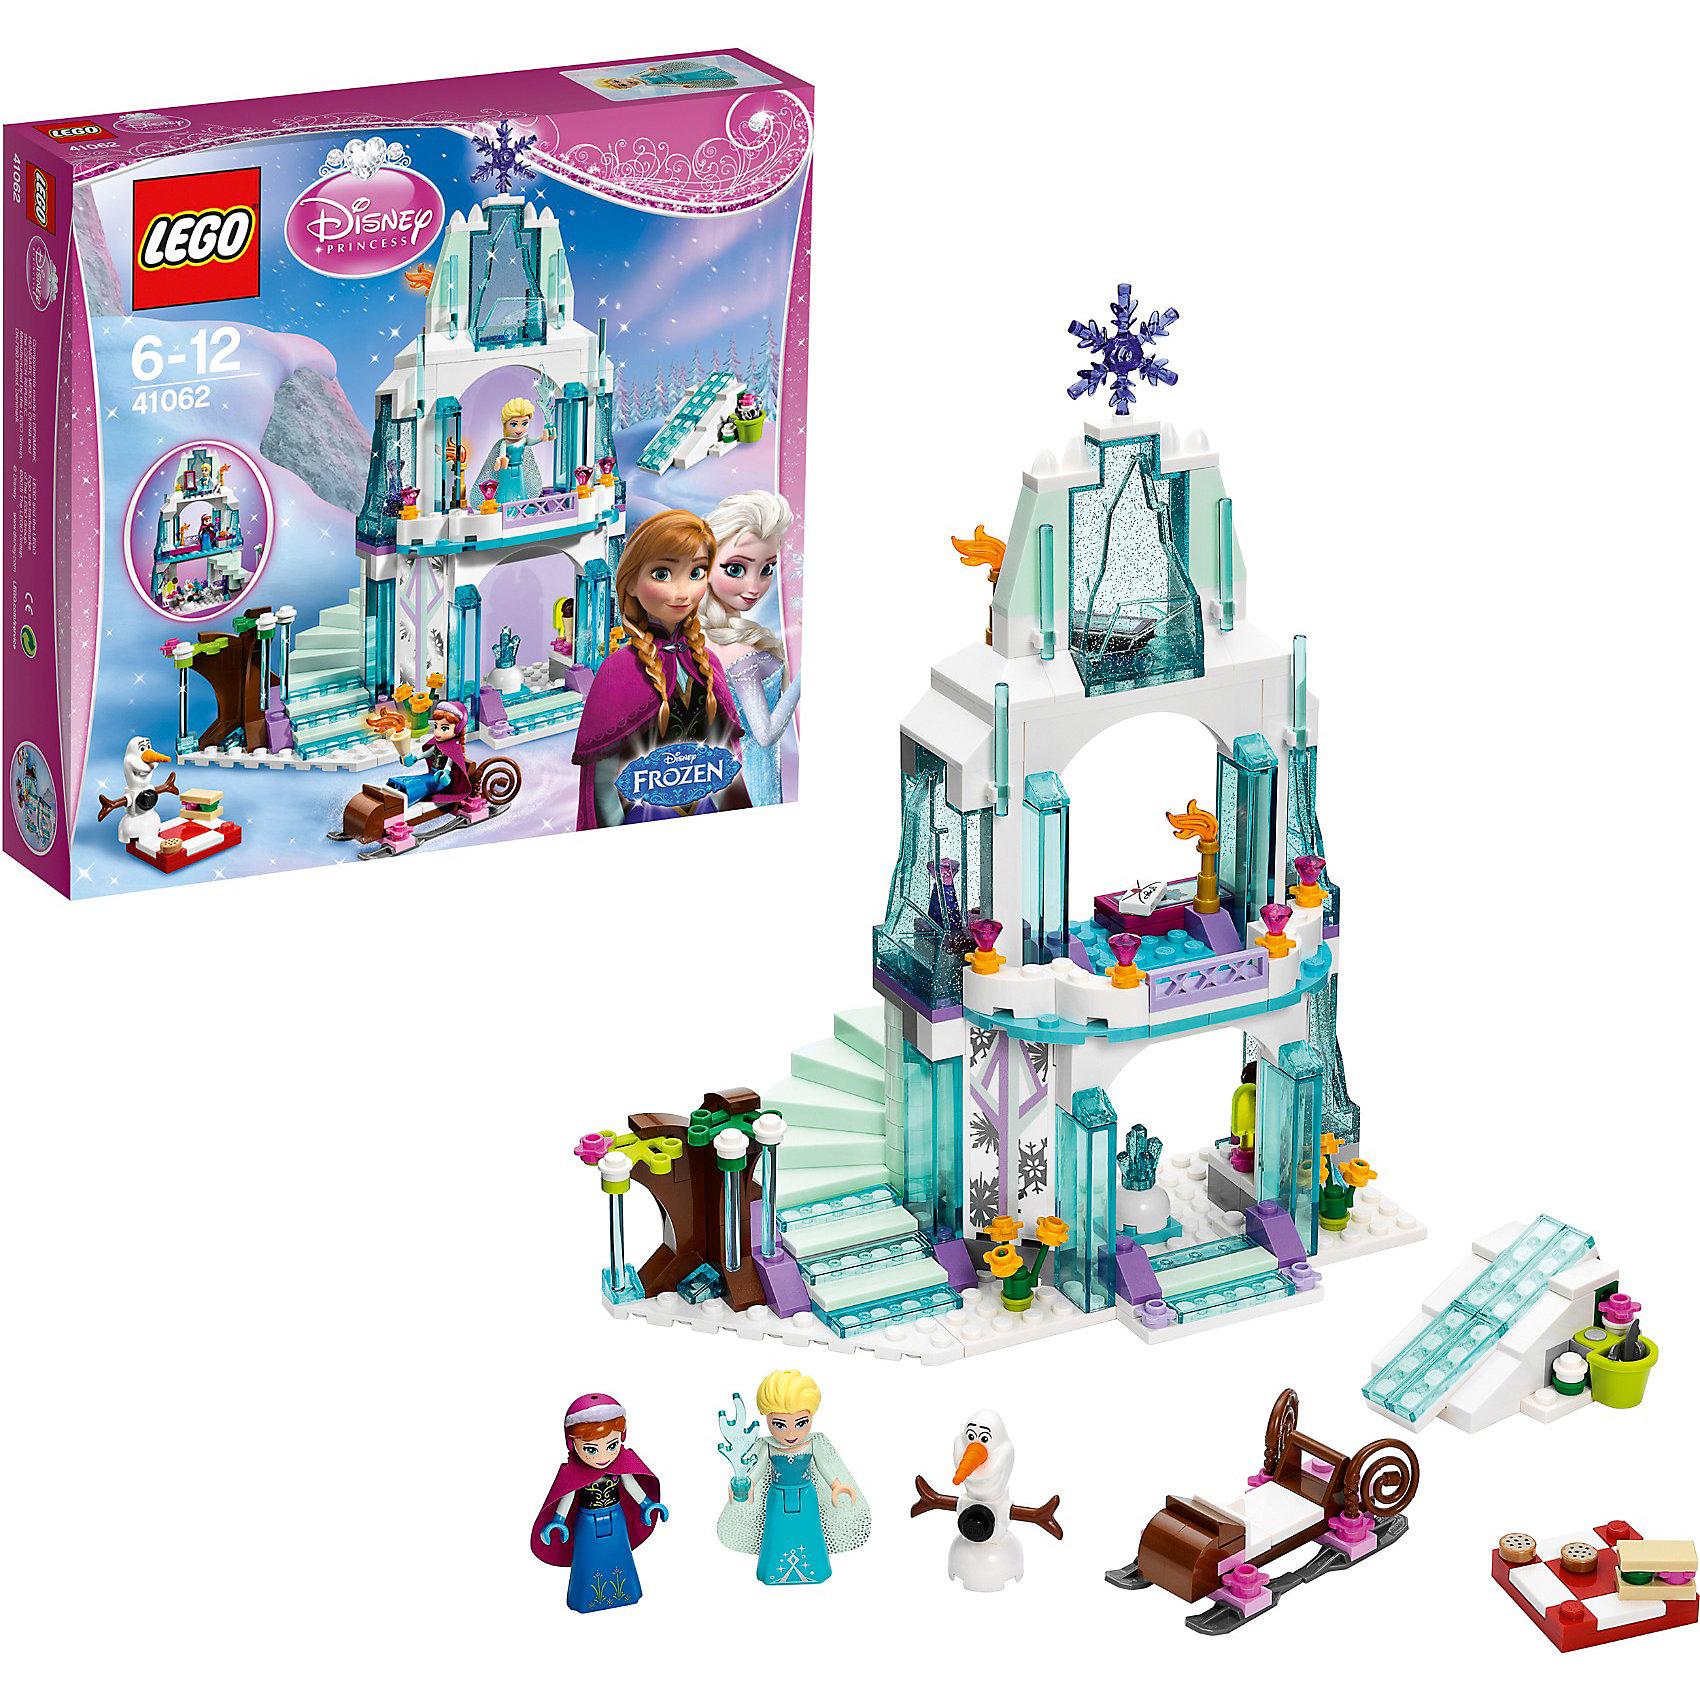 LEGO LEGO Disney Princesses 41062: Ледяной замок Эльзы конструктор lego disney princesses экзотический дворец жасмин 41061